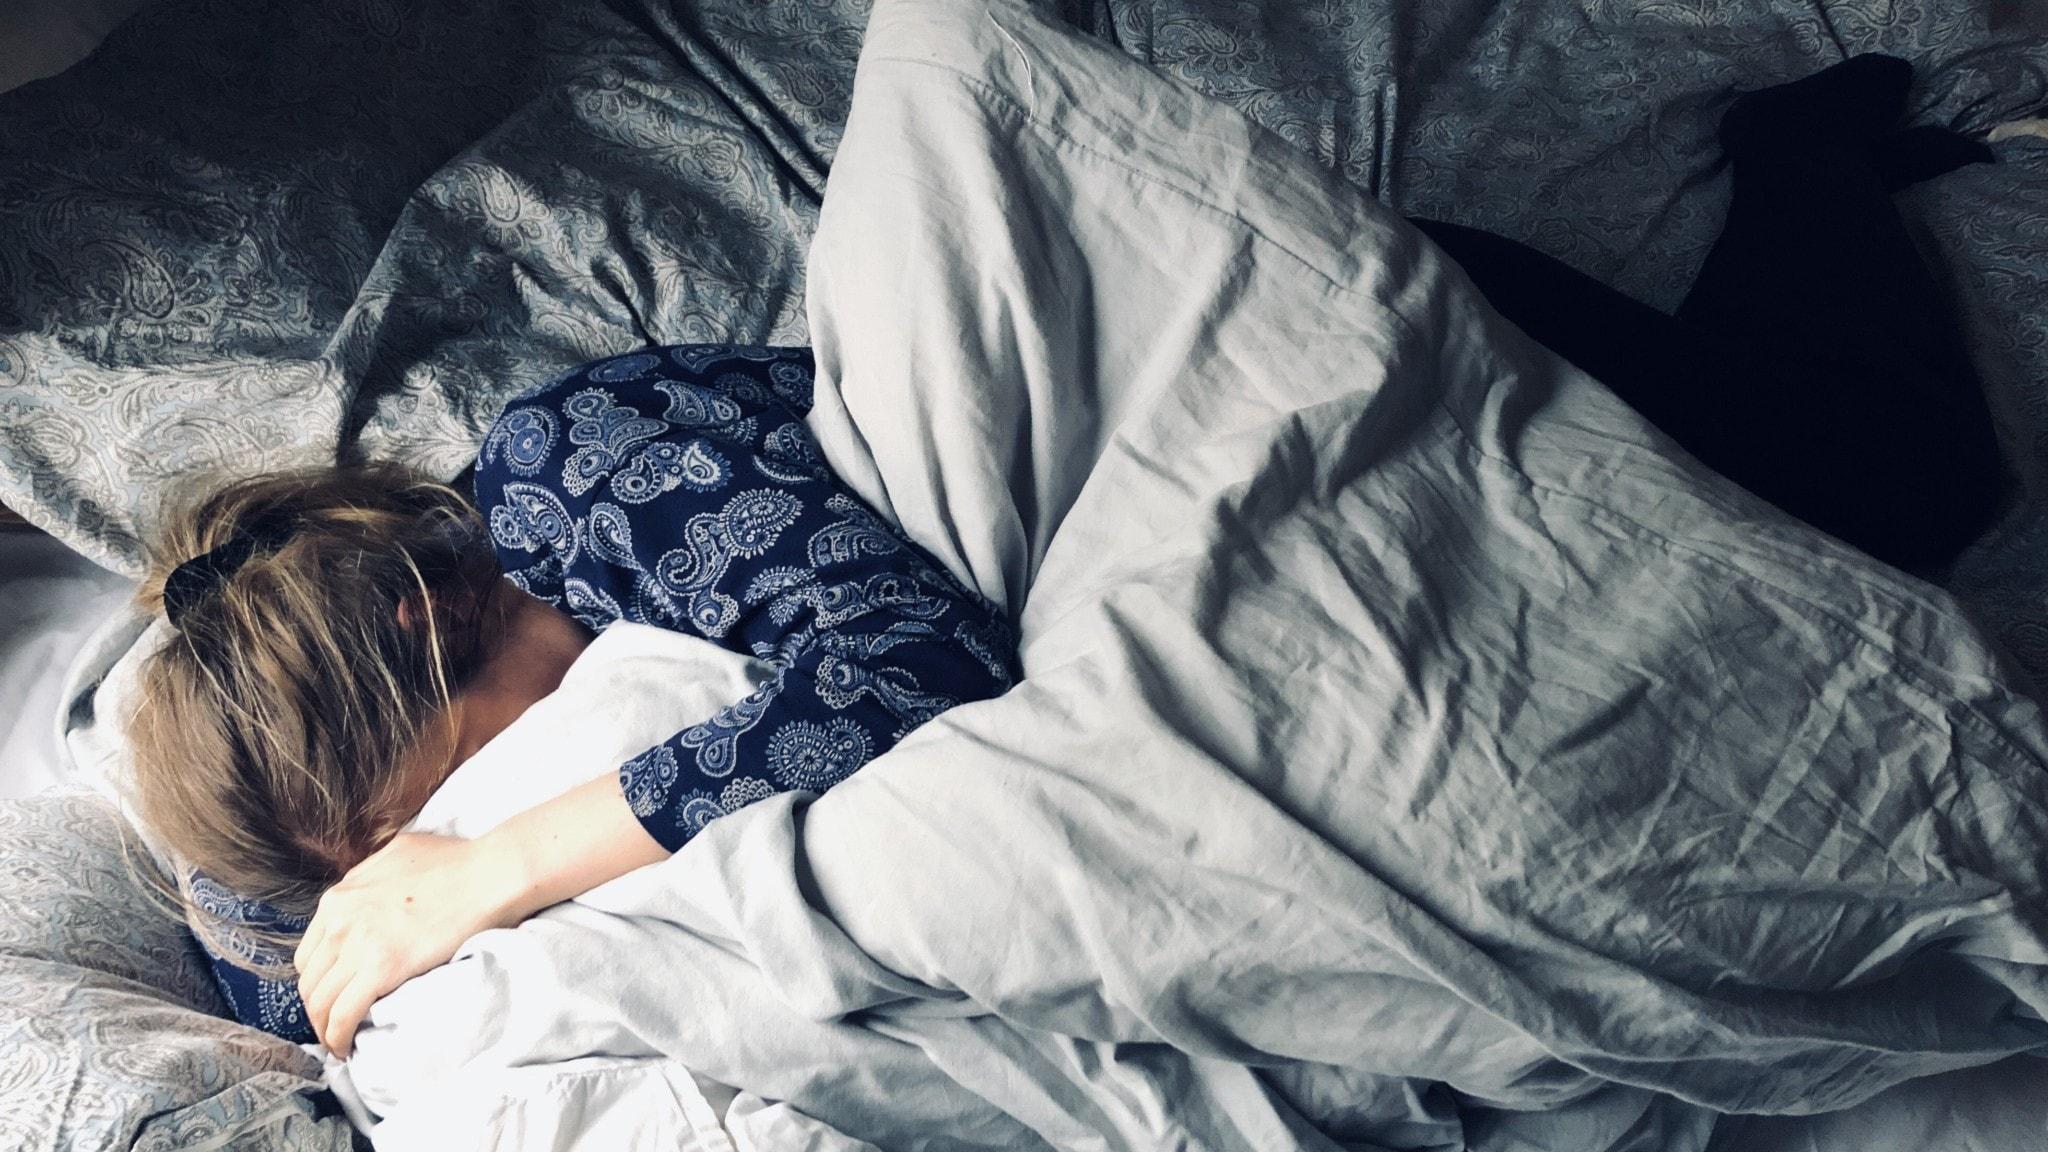 kvinna ligger i en obäddad säng med ansiktet dolt i täcket.